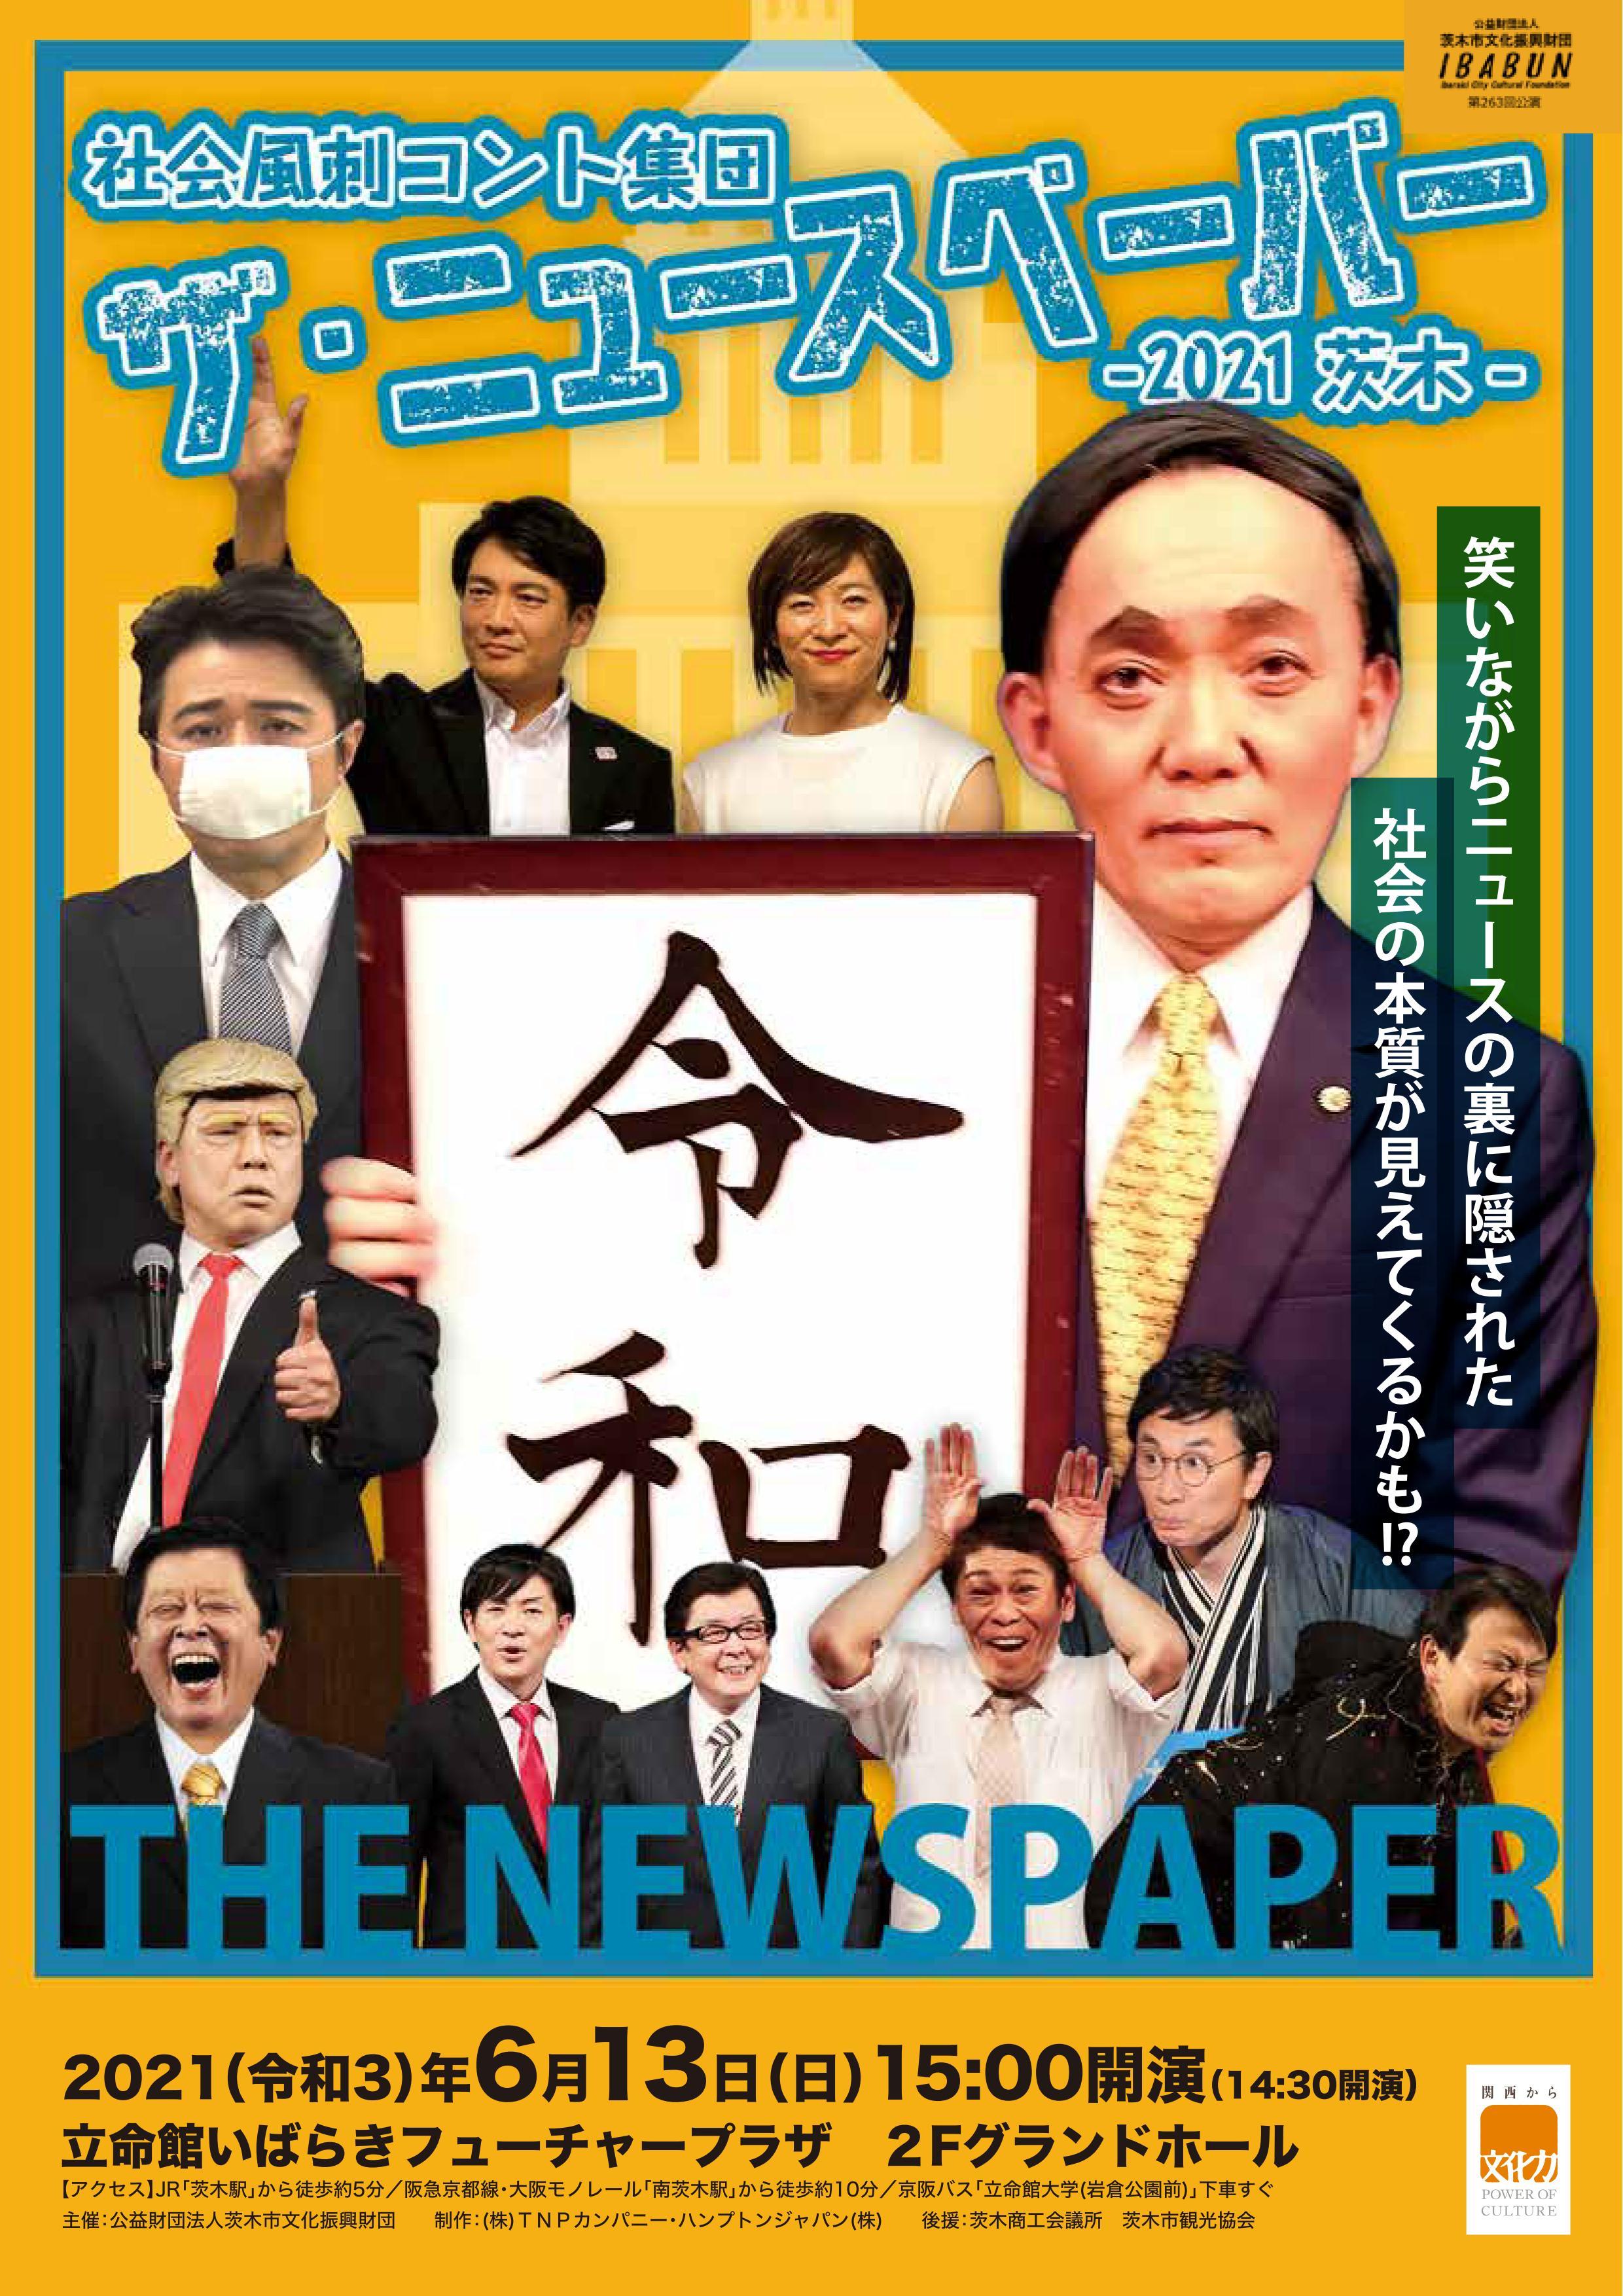 【公演中止】社会風刺コント集団 ザ・ニュースペーパー―2021茨木―